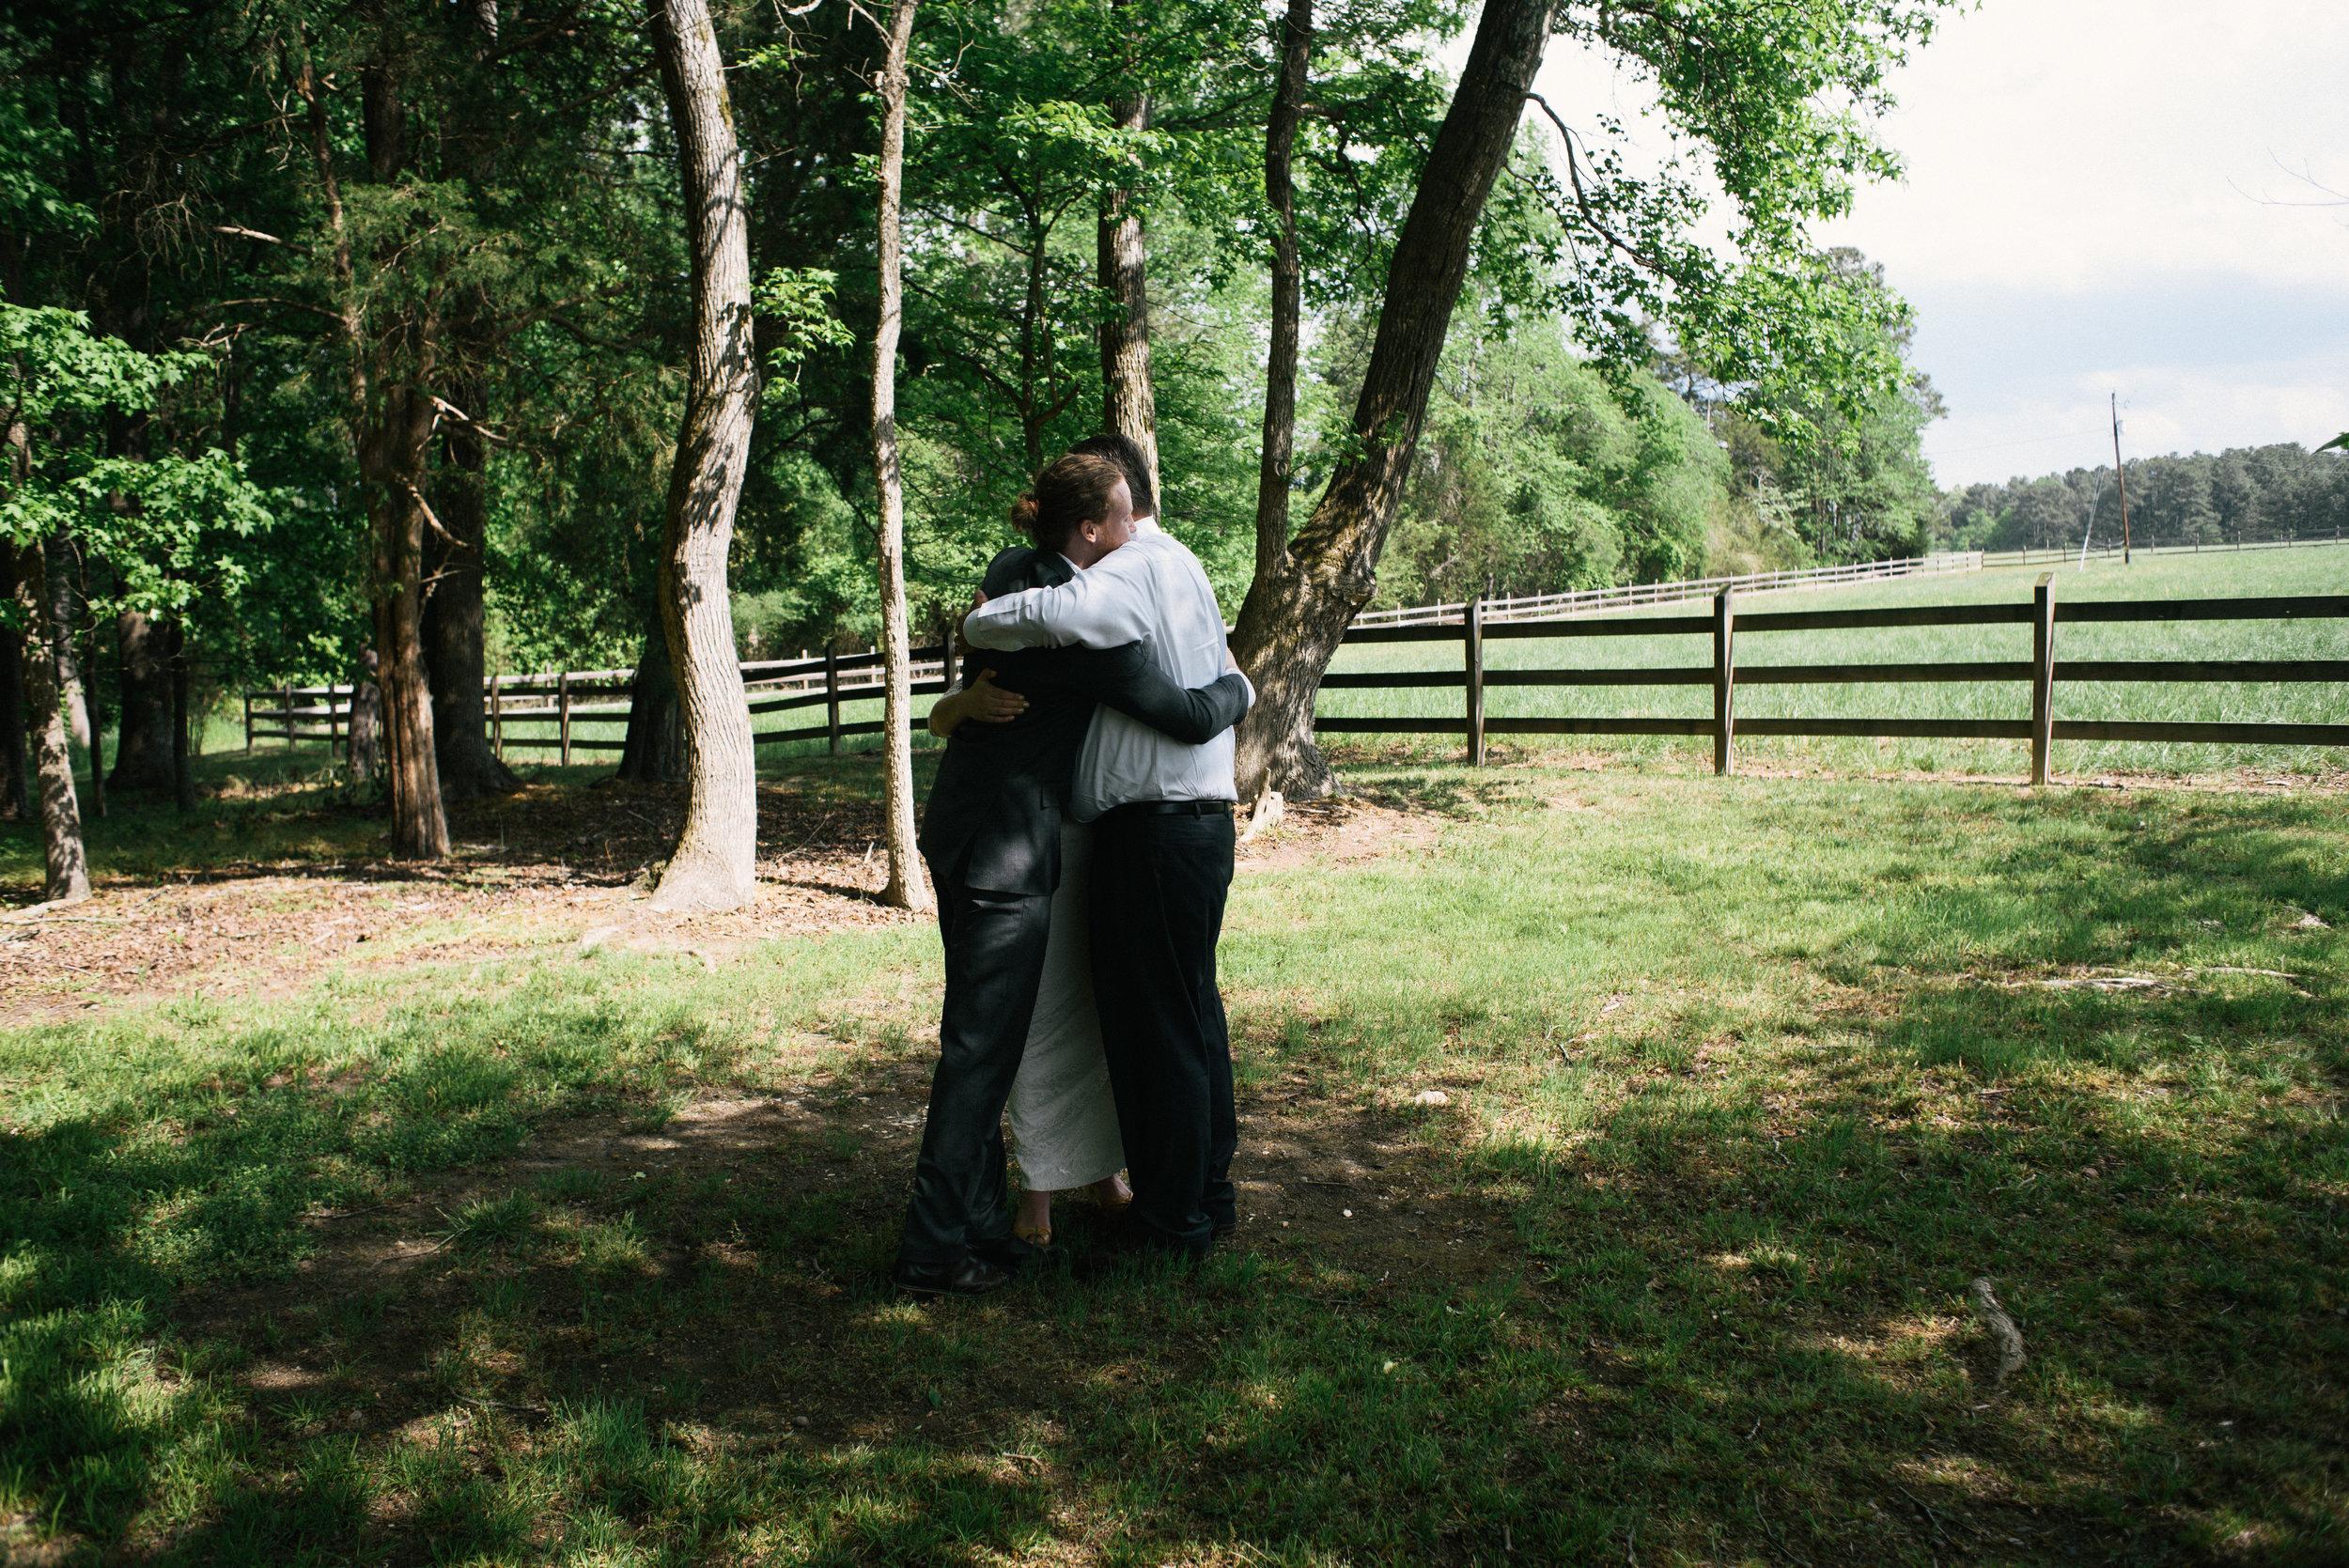 raleigh-elopement-photographer-raleigh-durham-wedding-maddie-and-devin- (46 of 162).jpg